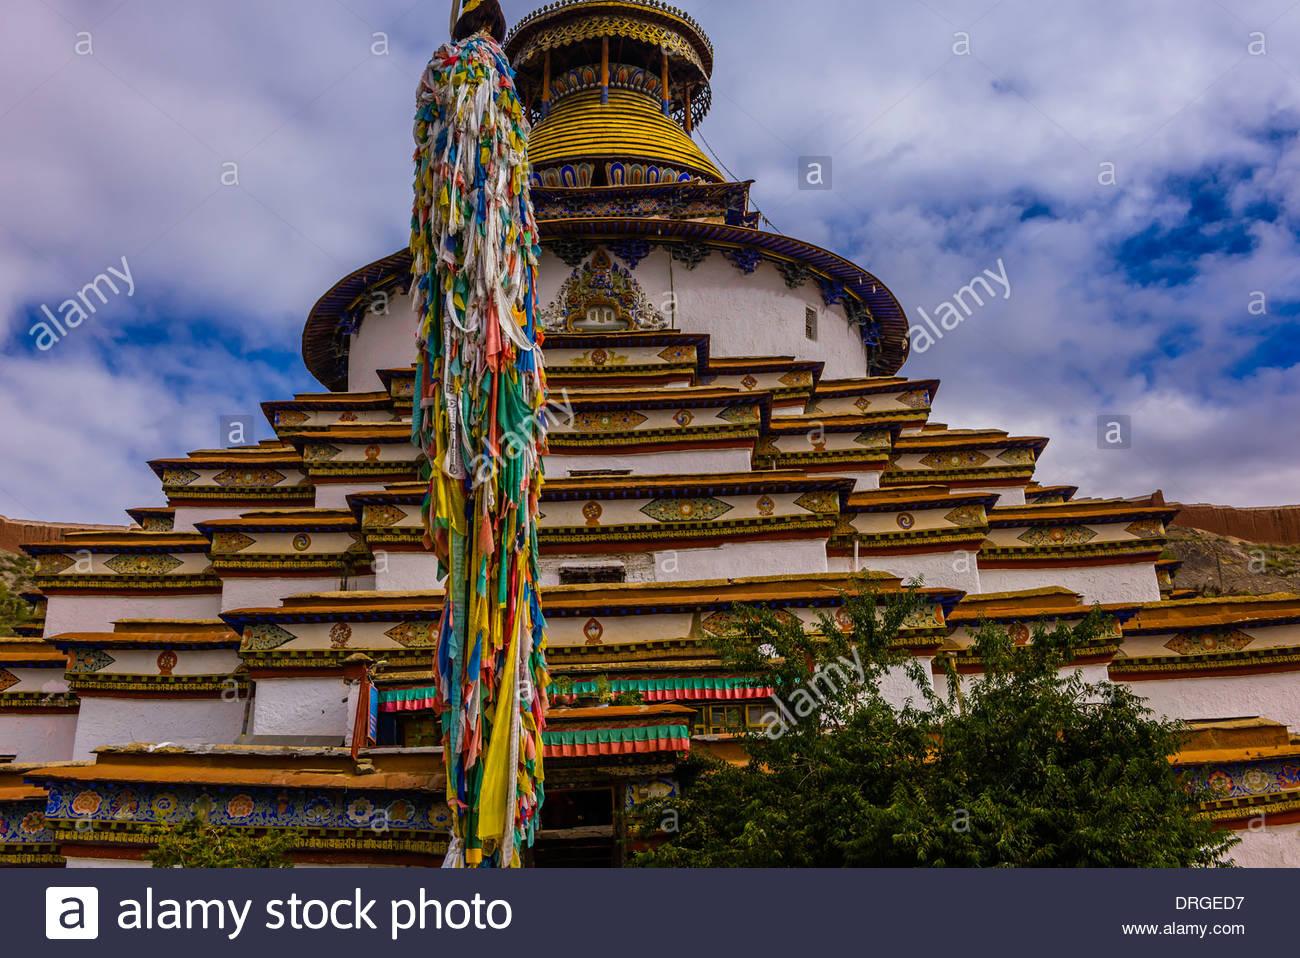 Kumbum Stupa (the largest stupa in Tibet), Palcho Monastery, Gyangze, Tibet (Xizang), China. - Stock Image